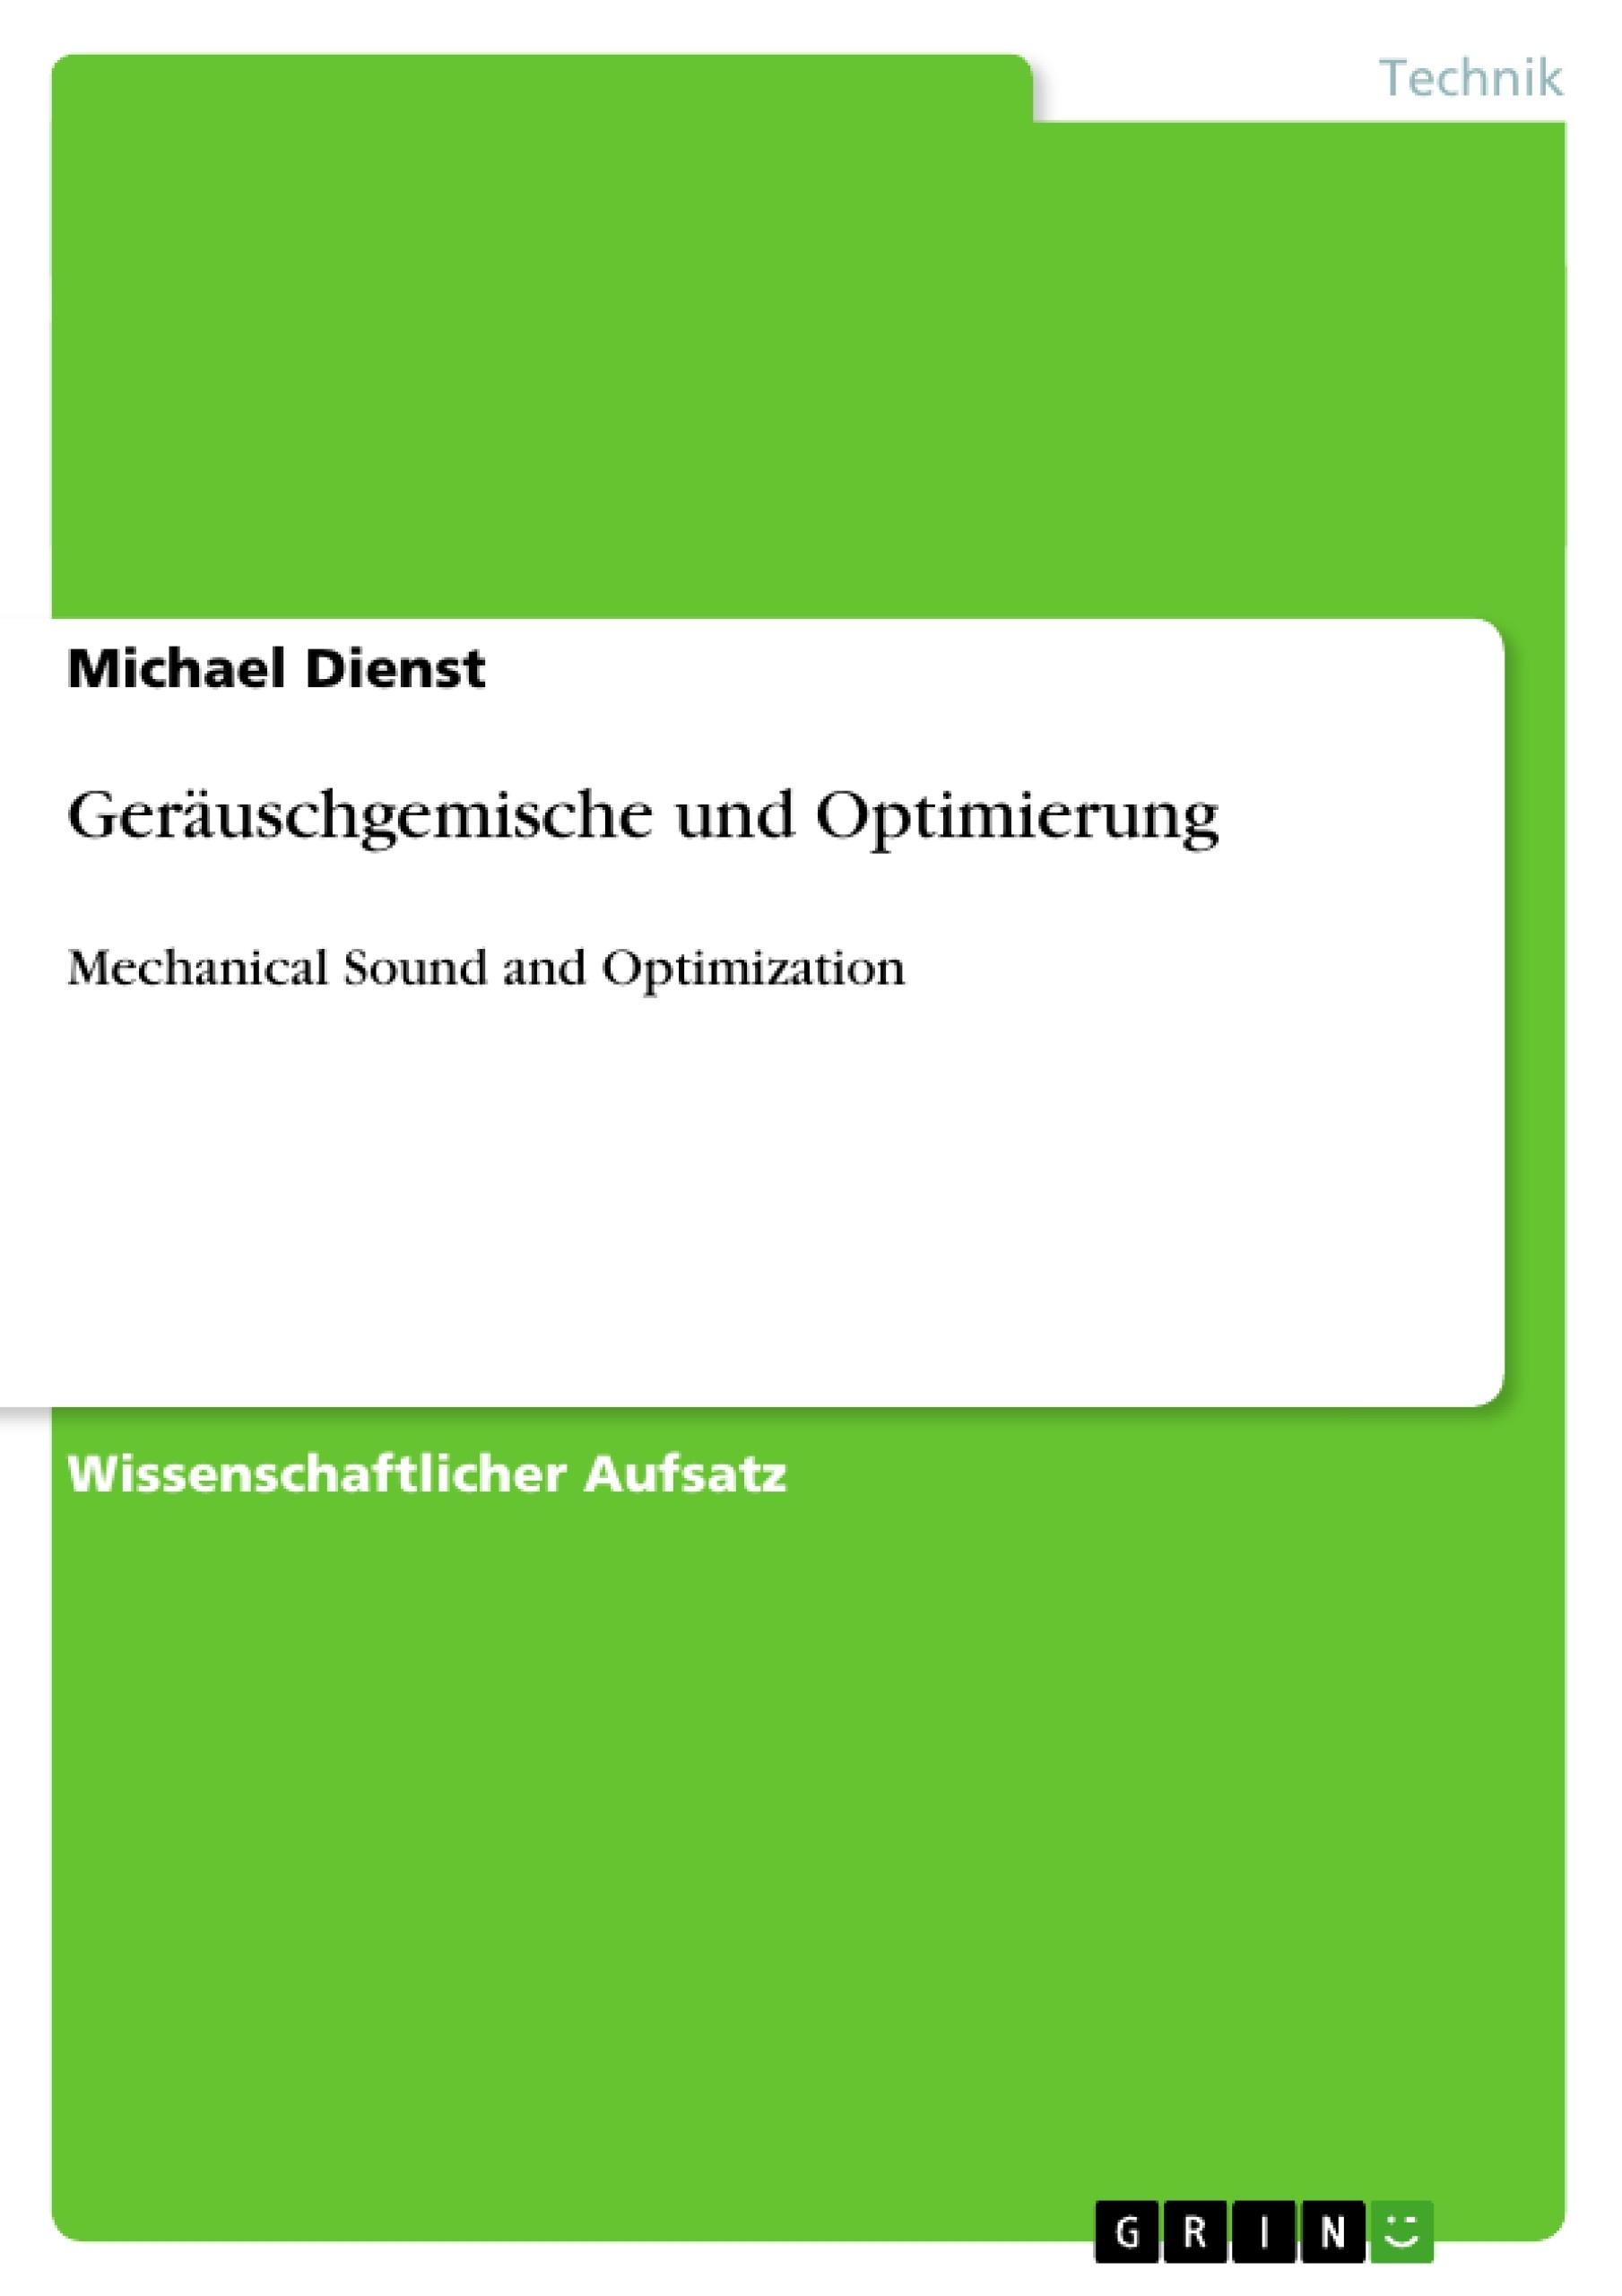 Titel: Geräuschgemische und Optimierung